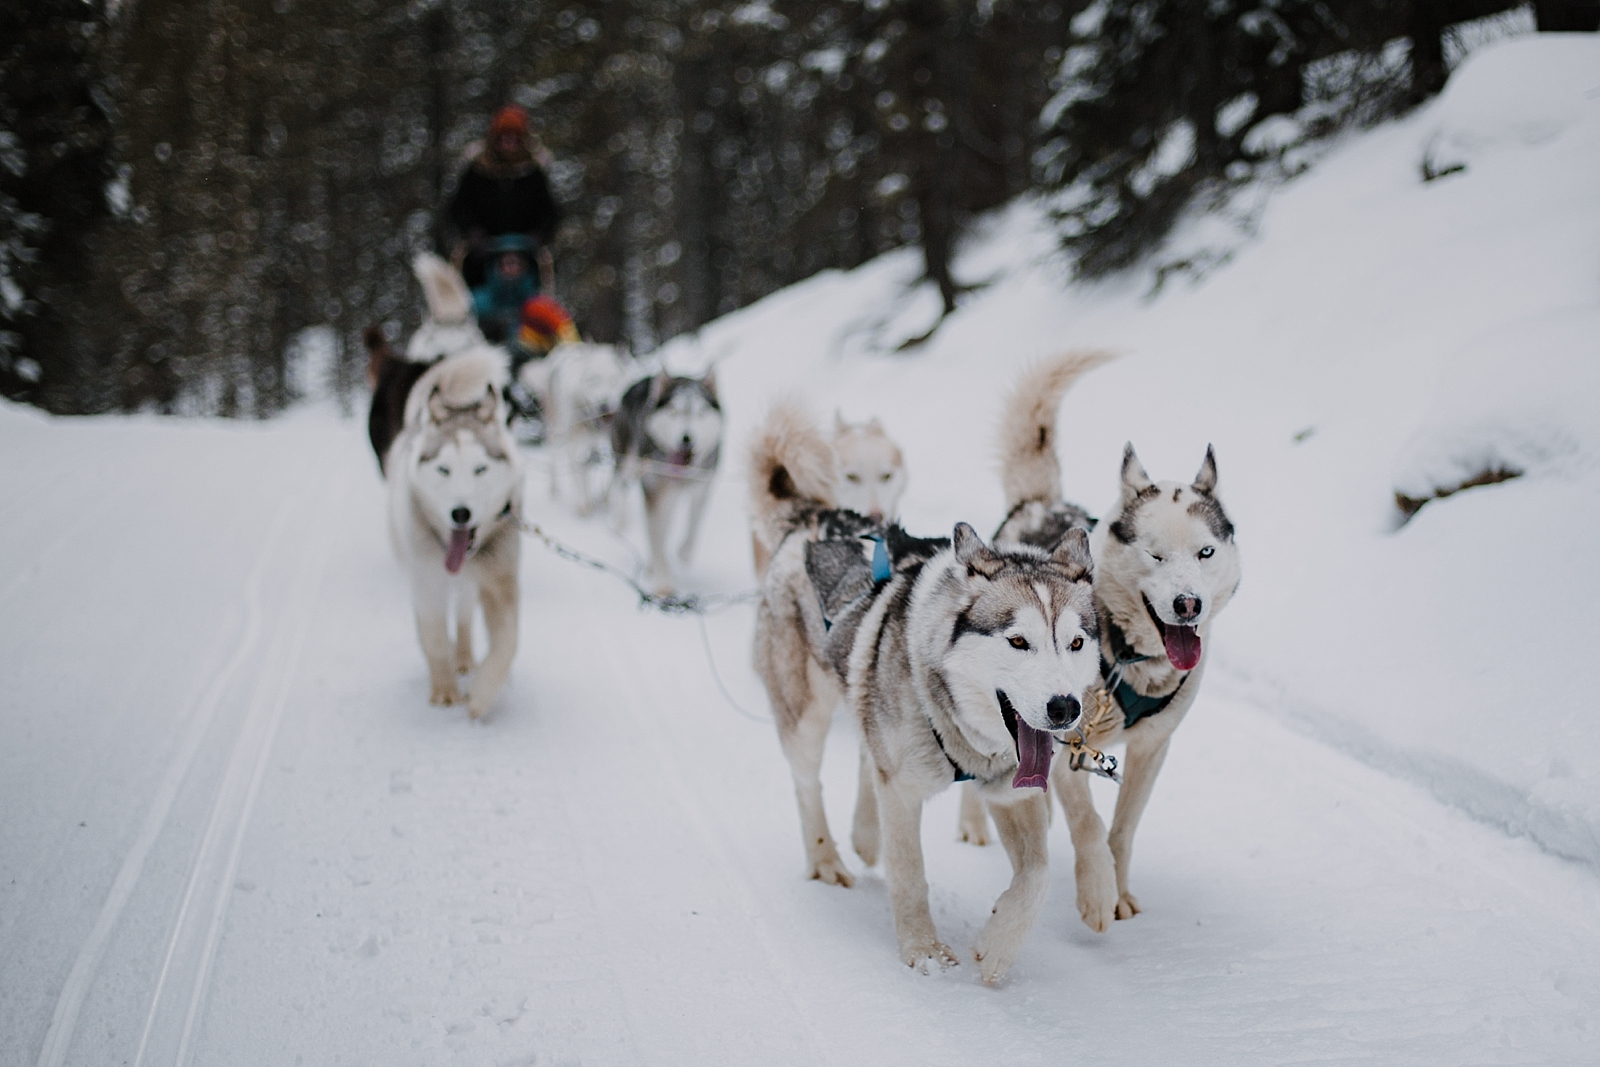 huskies smiling, breckenridge elopement photographer, breckenridge wedding photographer, leadville elopement photographer, leadville wedding photographer, sapphire point photographer